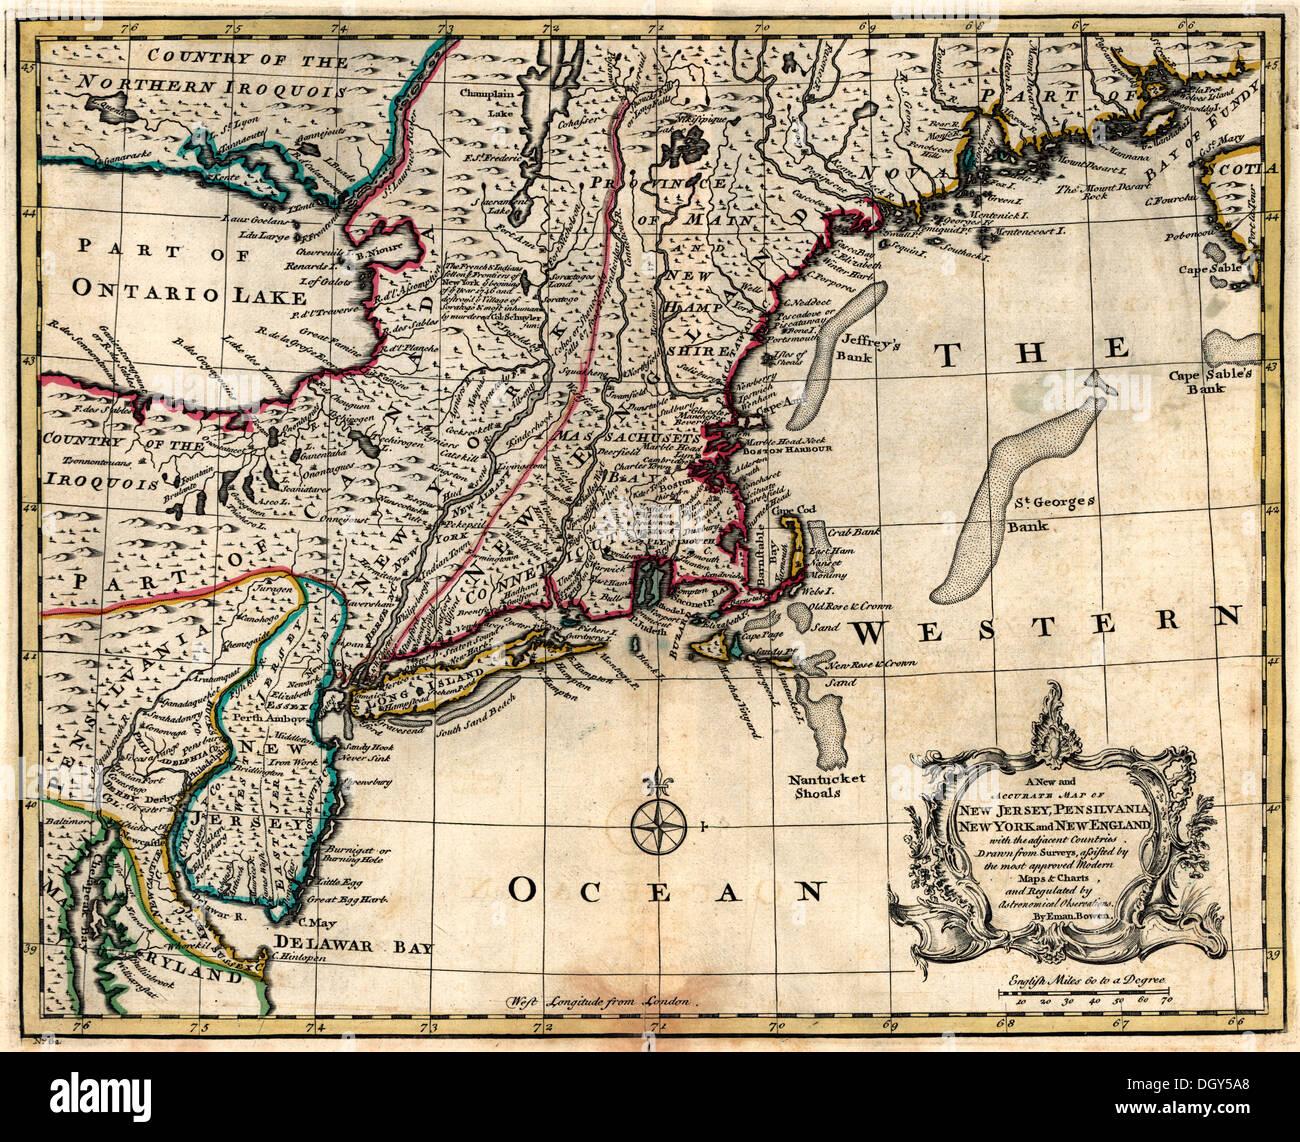 Eine neue, genaue Karte der Pensilvania, New York, New ...